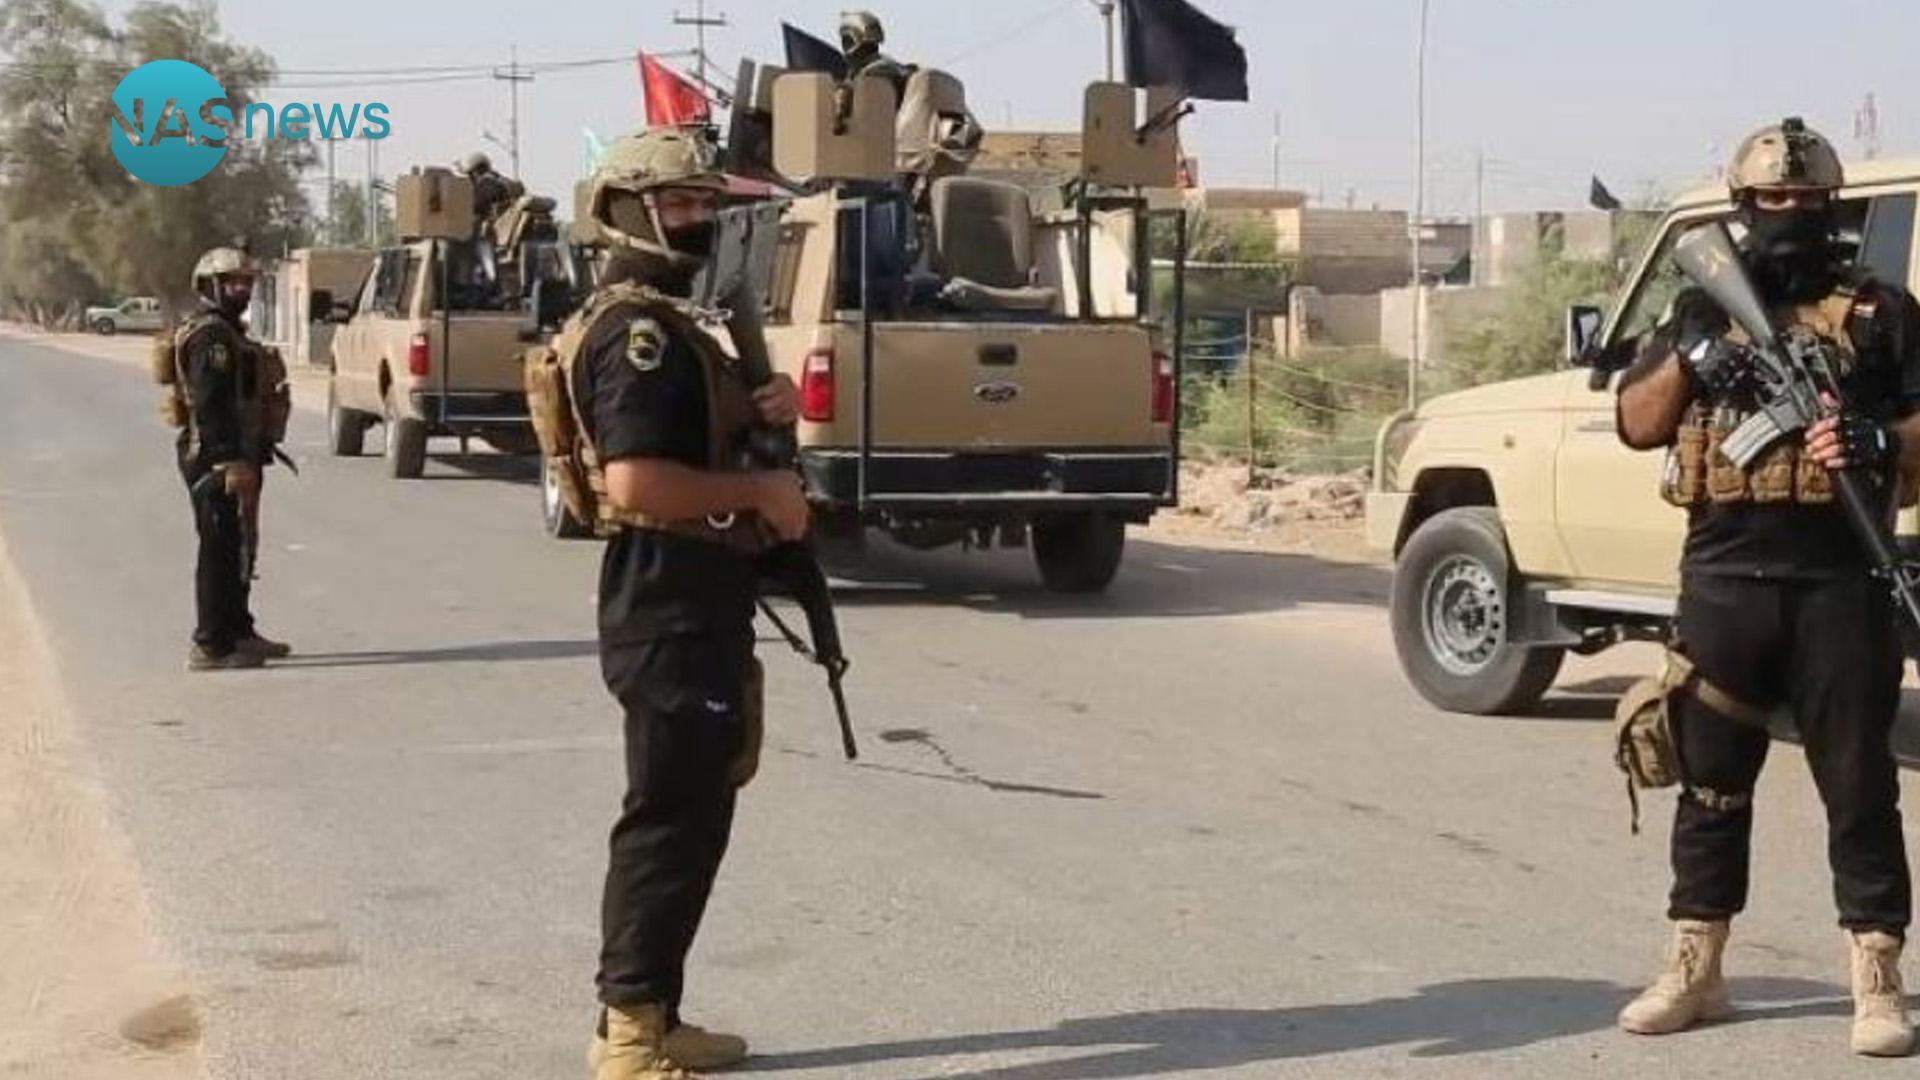 انطلاق المرحلة الخامسة من عمليات 'الوعد الصادق' في محافظة البصرة